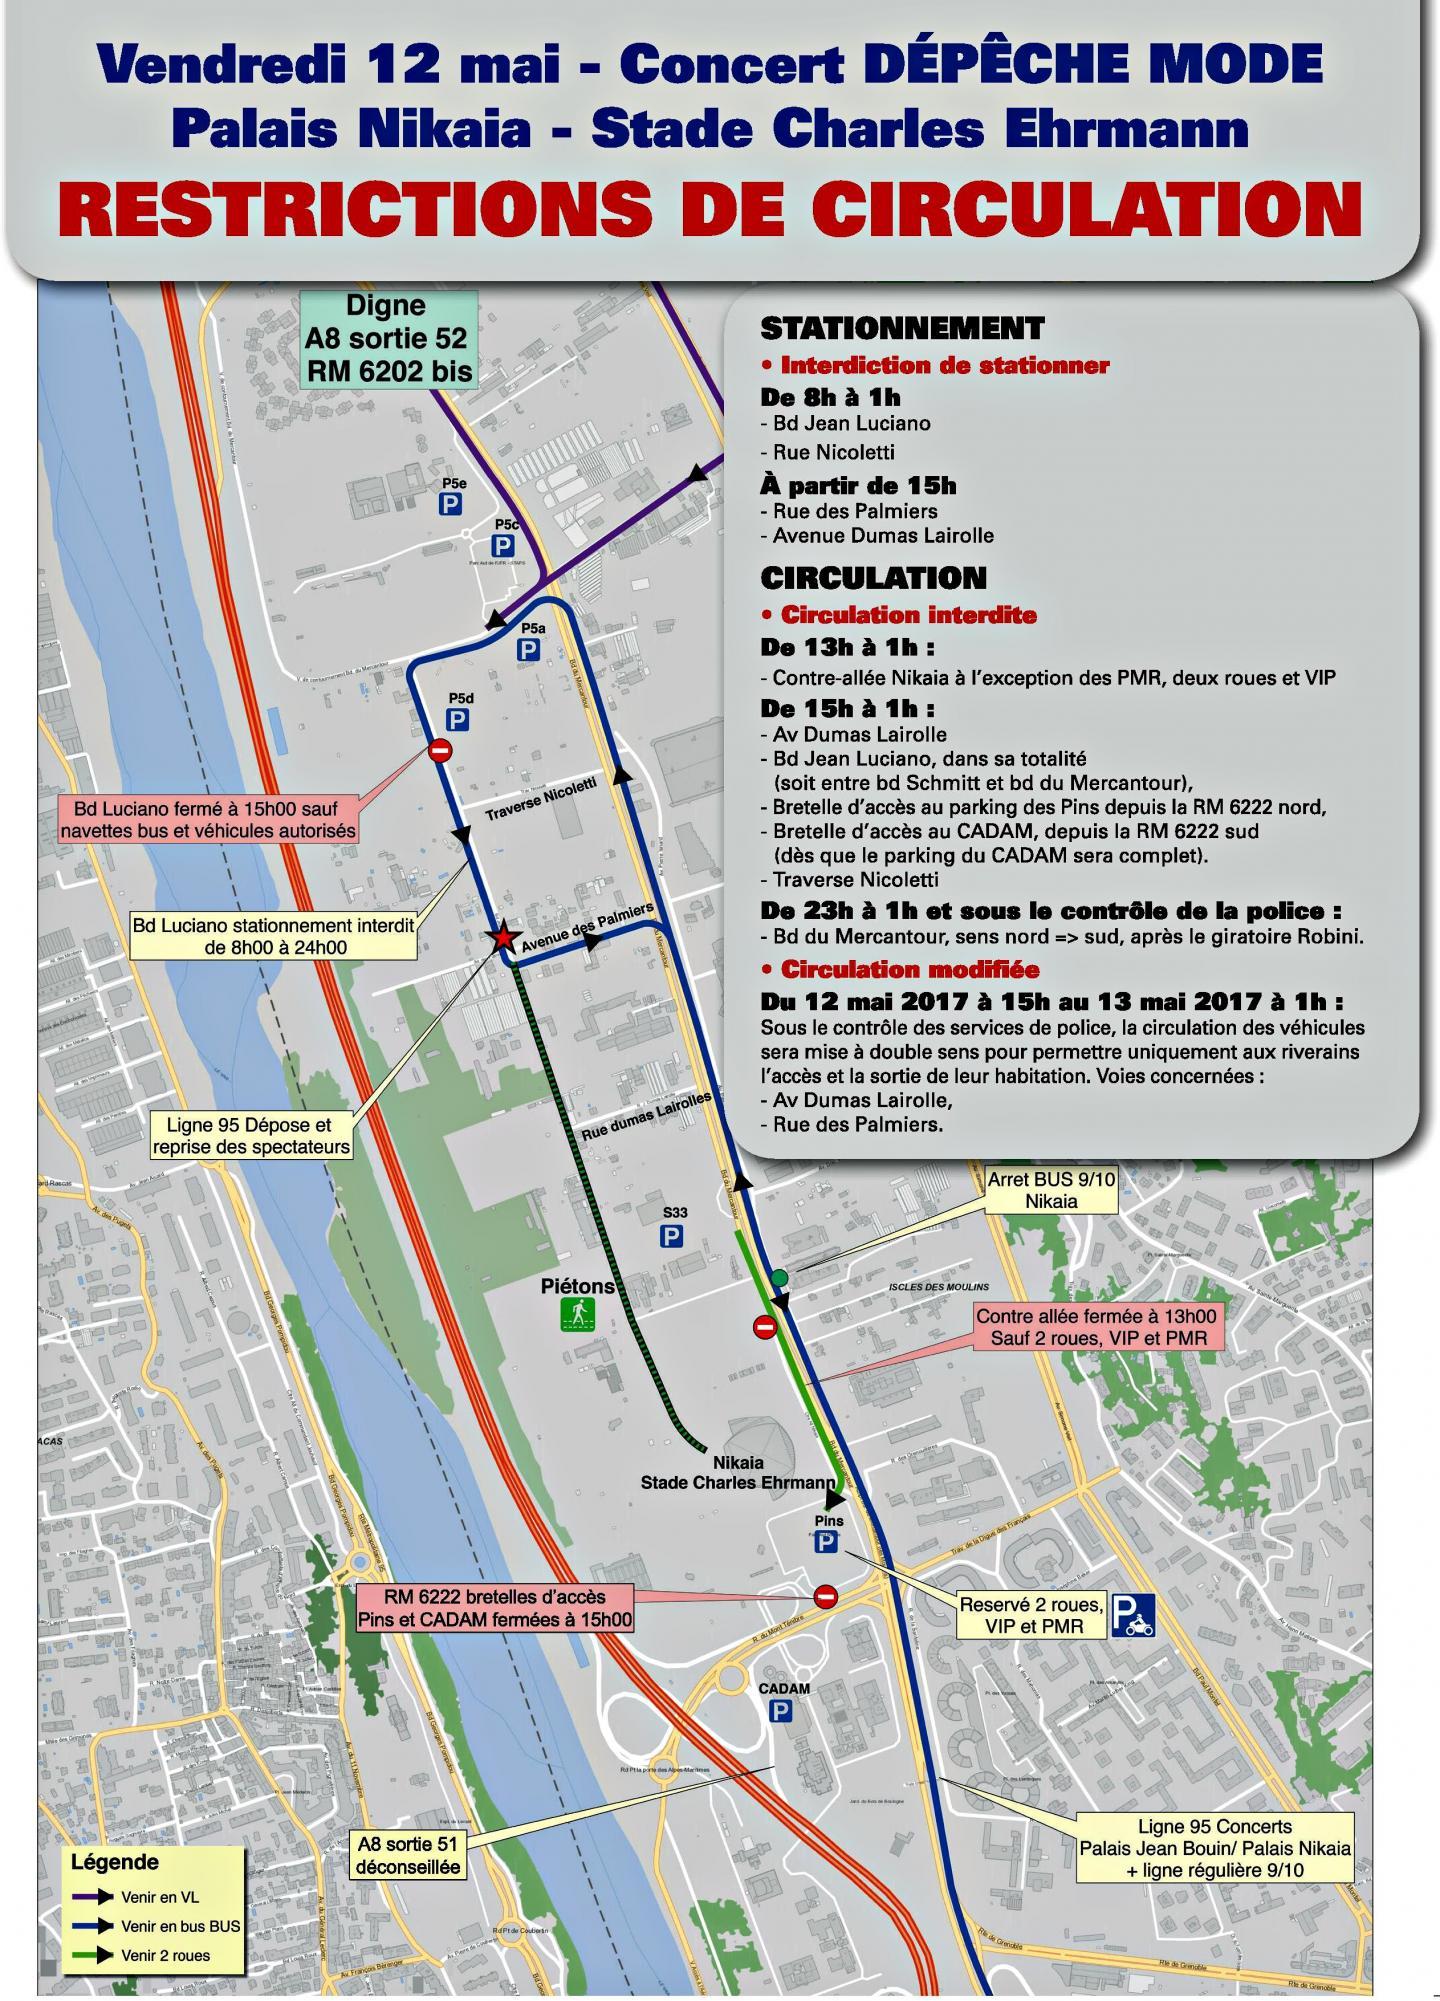 Le plan de circulation édité par la Ville de Nice.